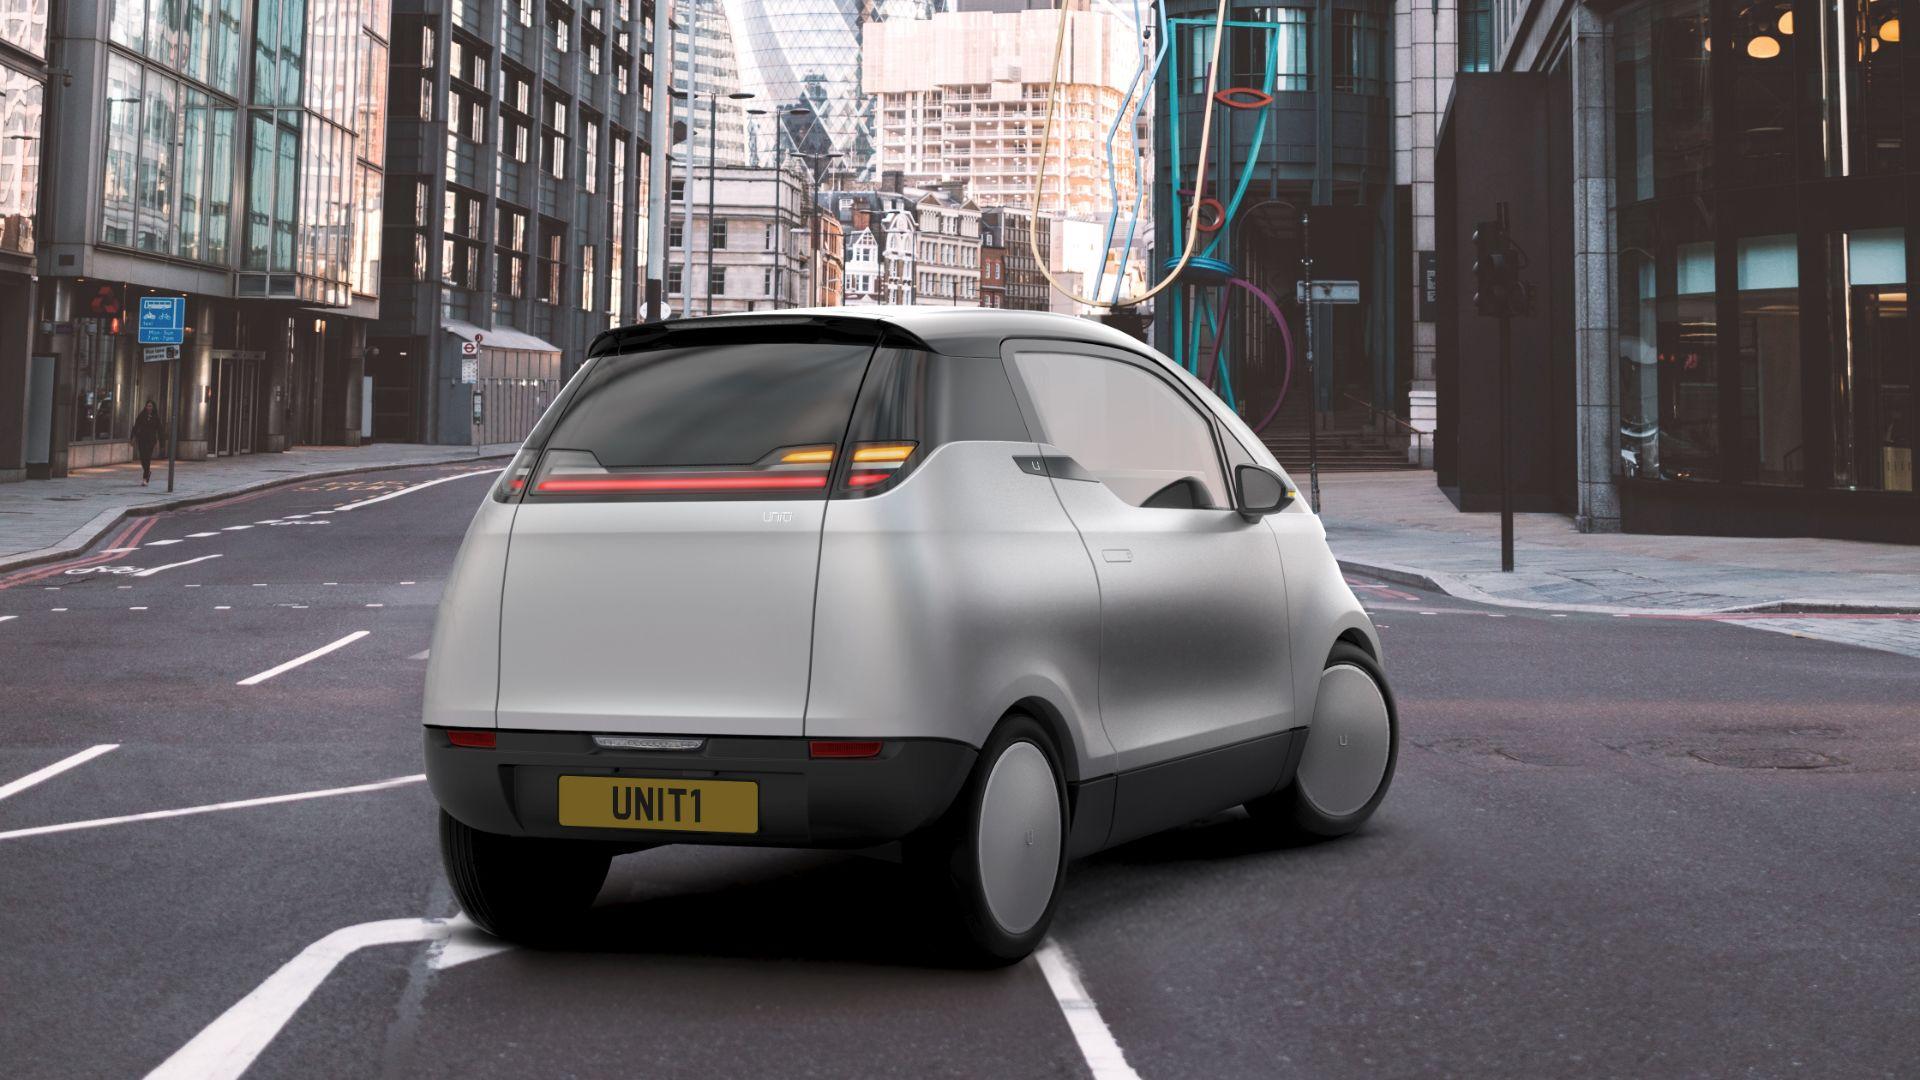 Uniti One electric car